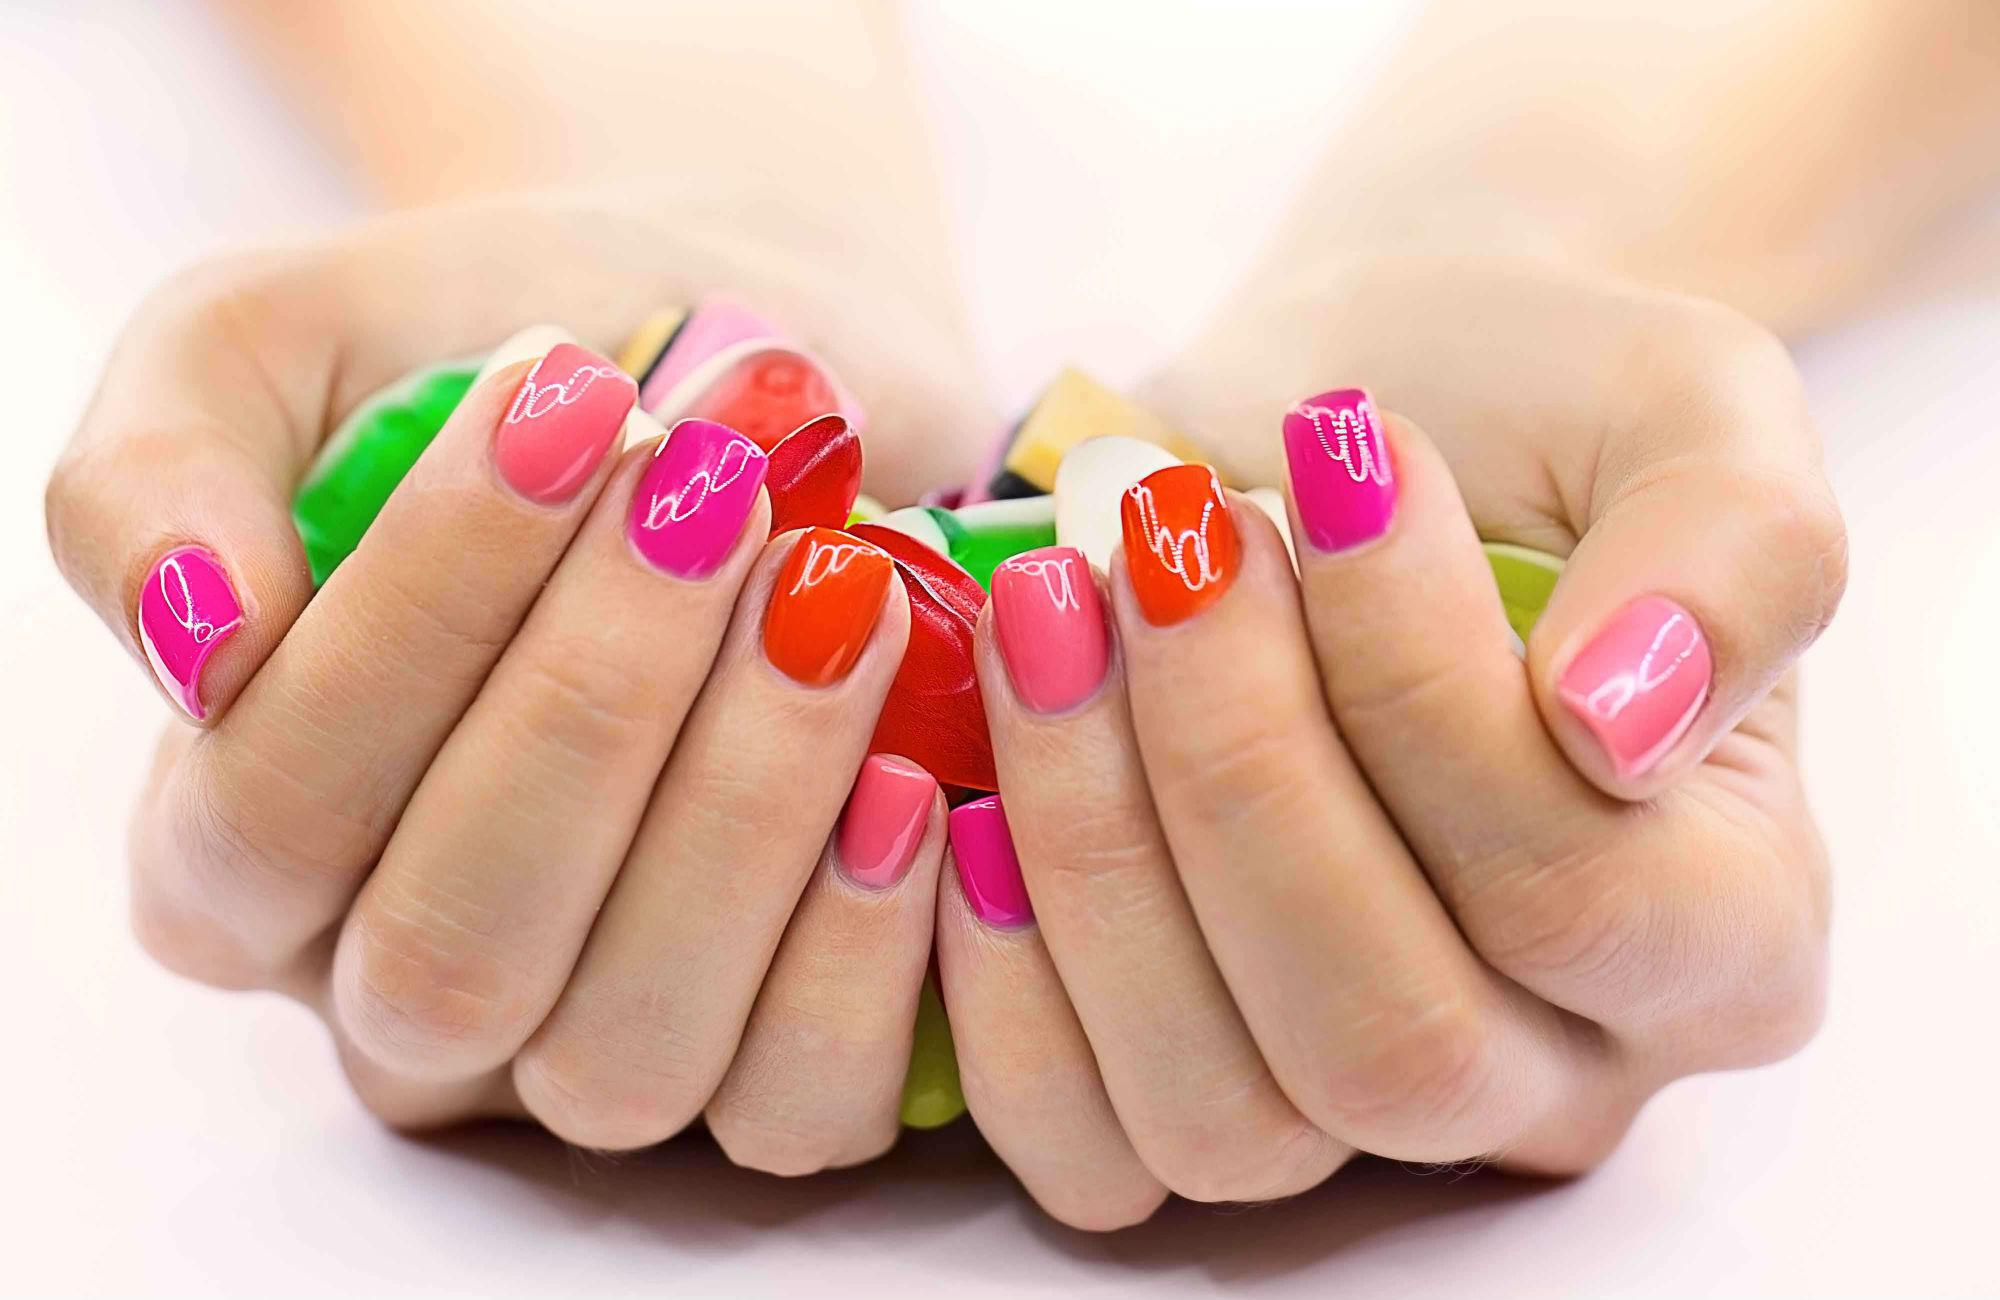 Как красиво накрасить ногти на ногах в домашних условиях